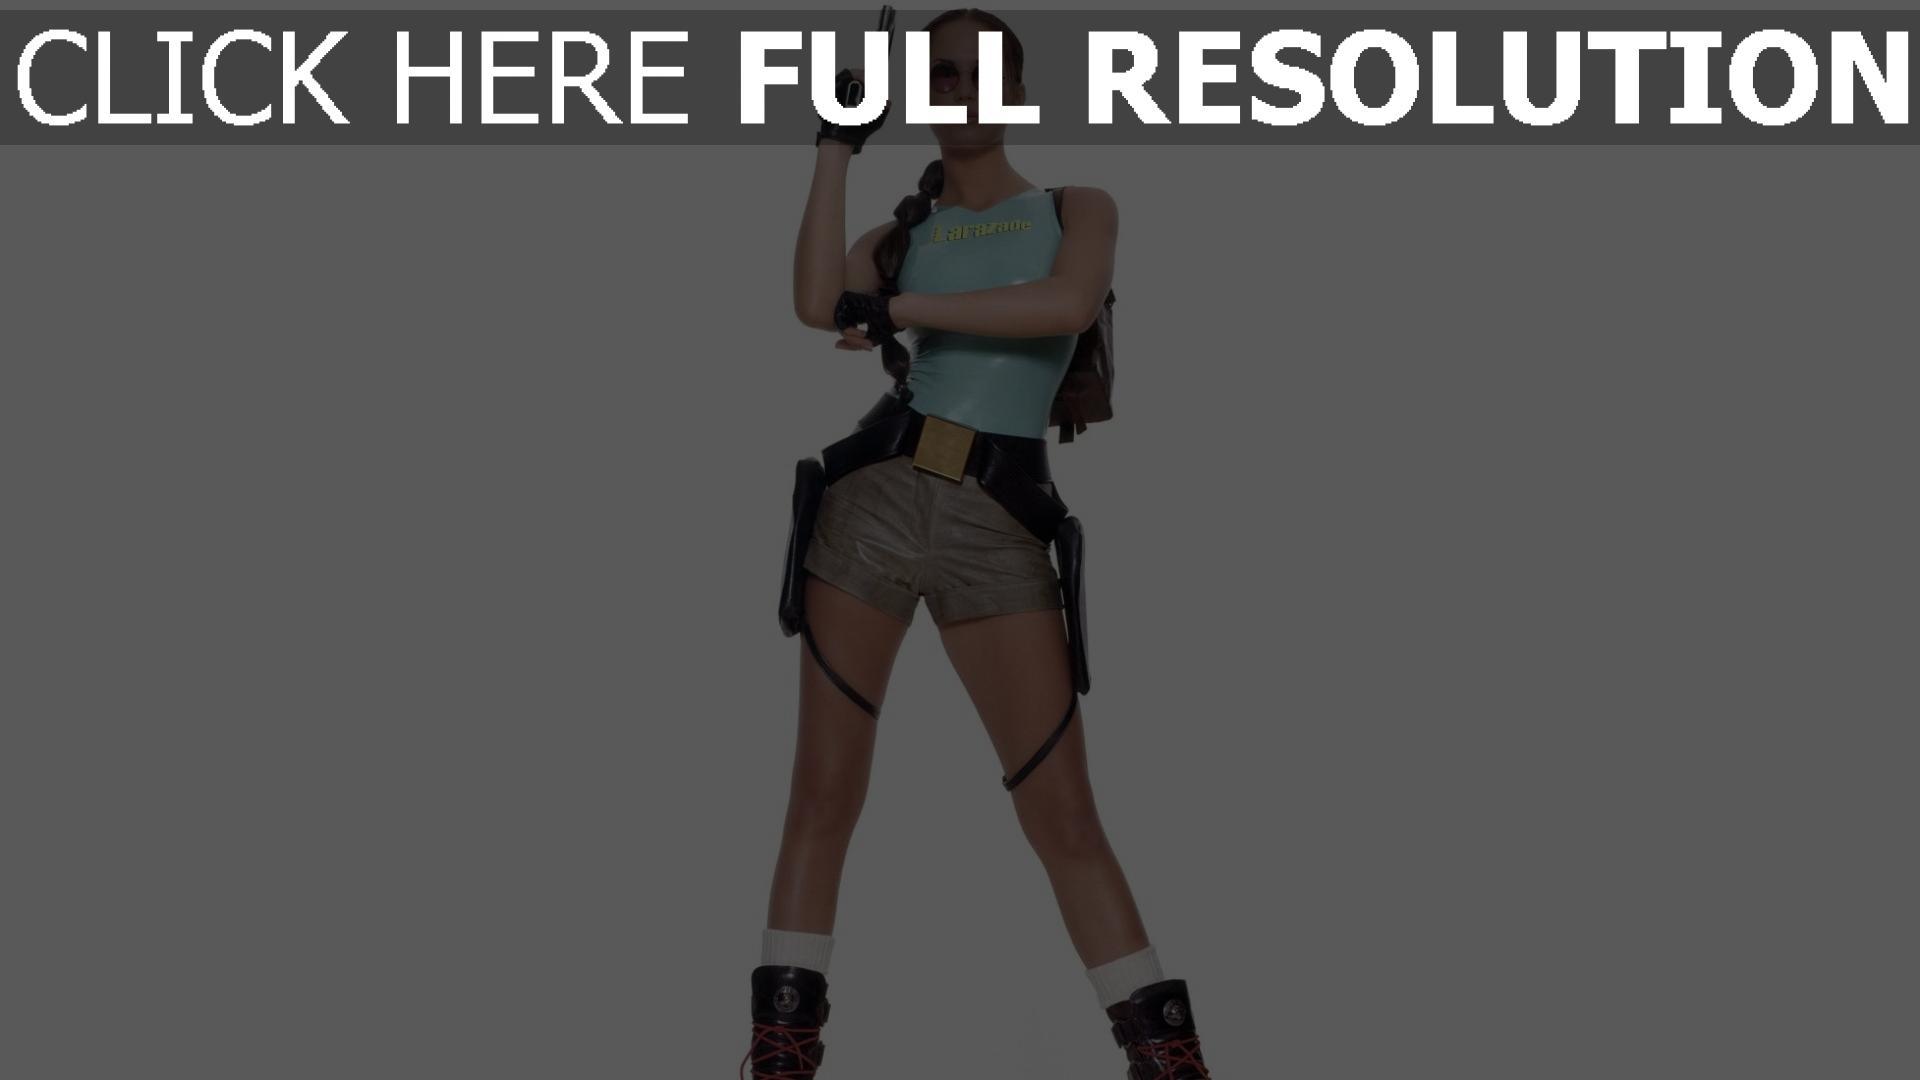 fond d'écran 1920x1080 lucy clarkson pistolet mannequin